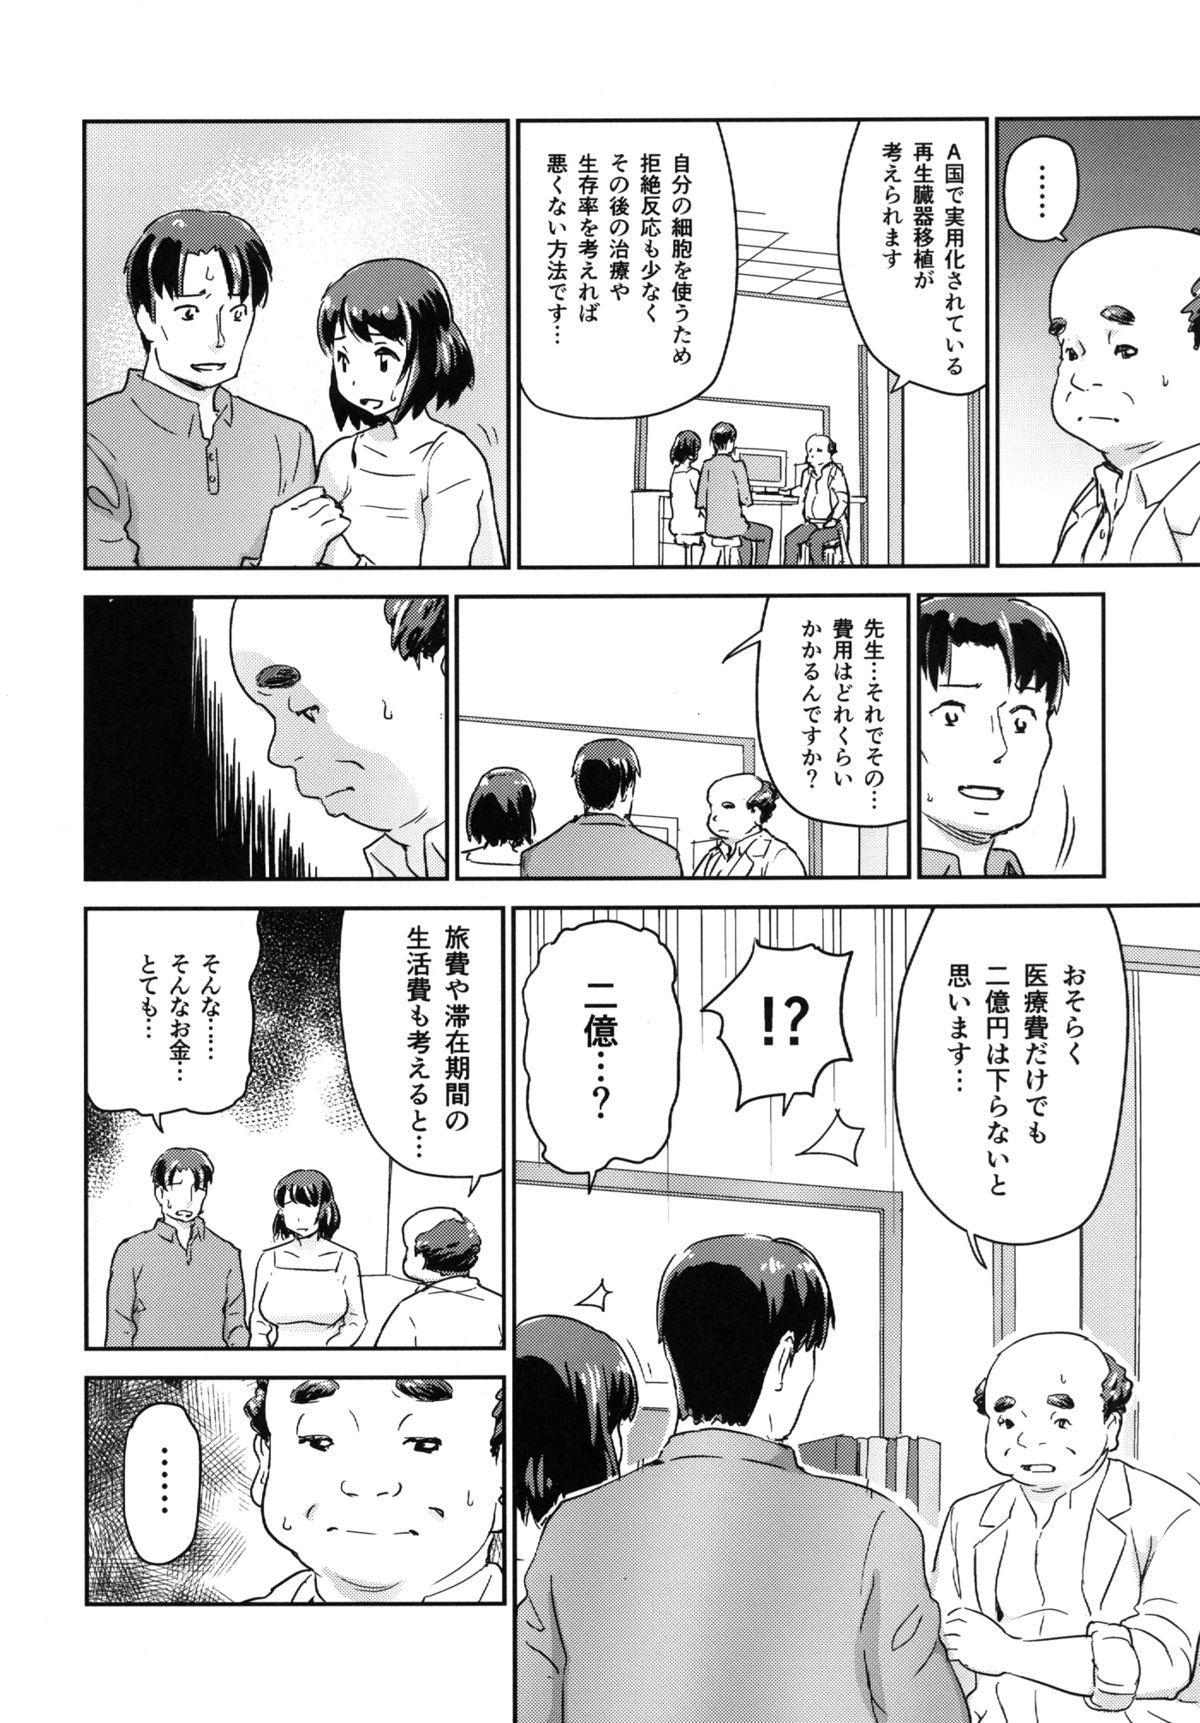 Hitozuma Kari - Kousoku Zecchou Sundome Game Nanbyou no Wagako no Chiryouhi no Tame Sono Mi wo Sashidasu Tsuma 10